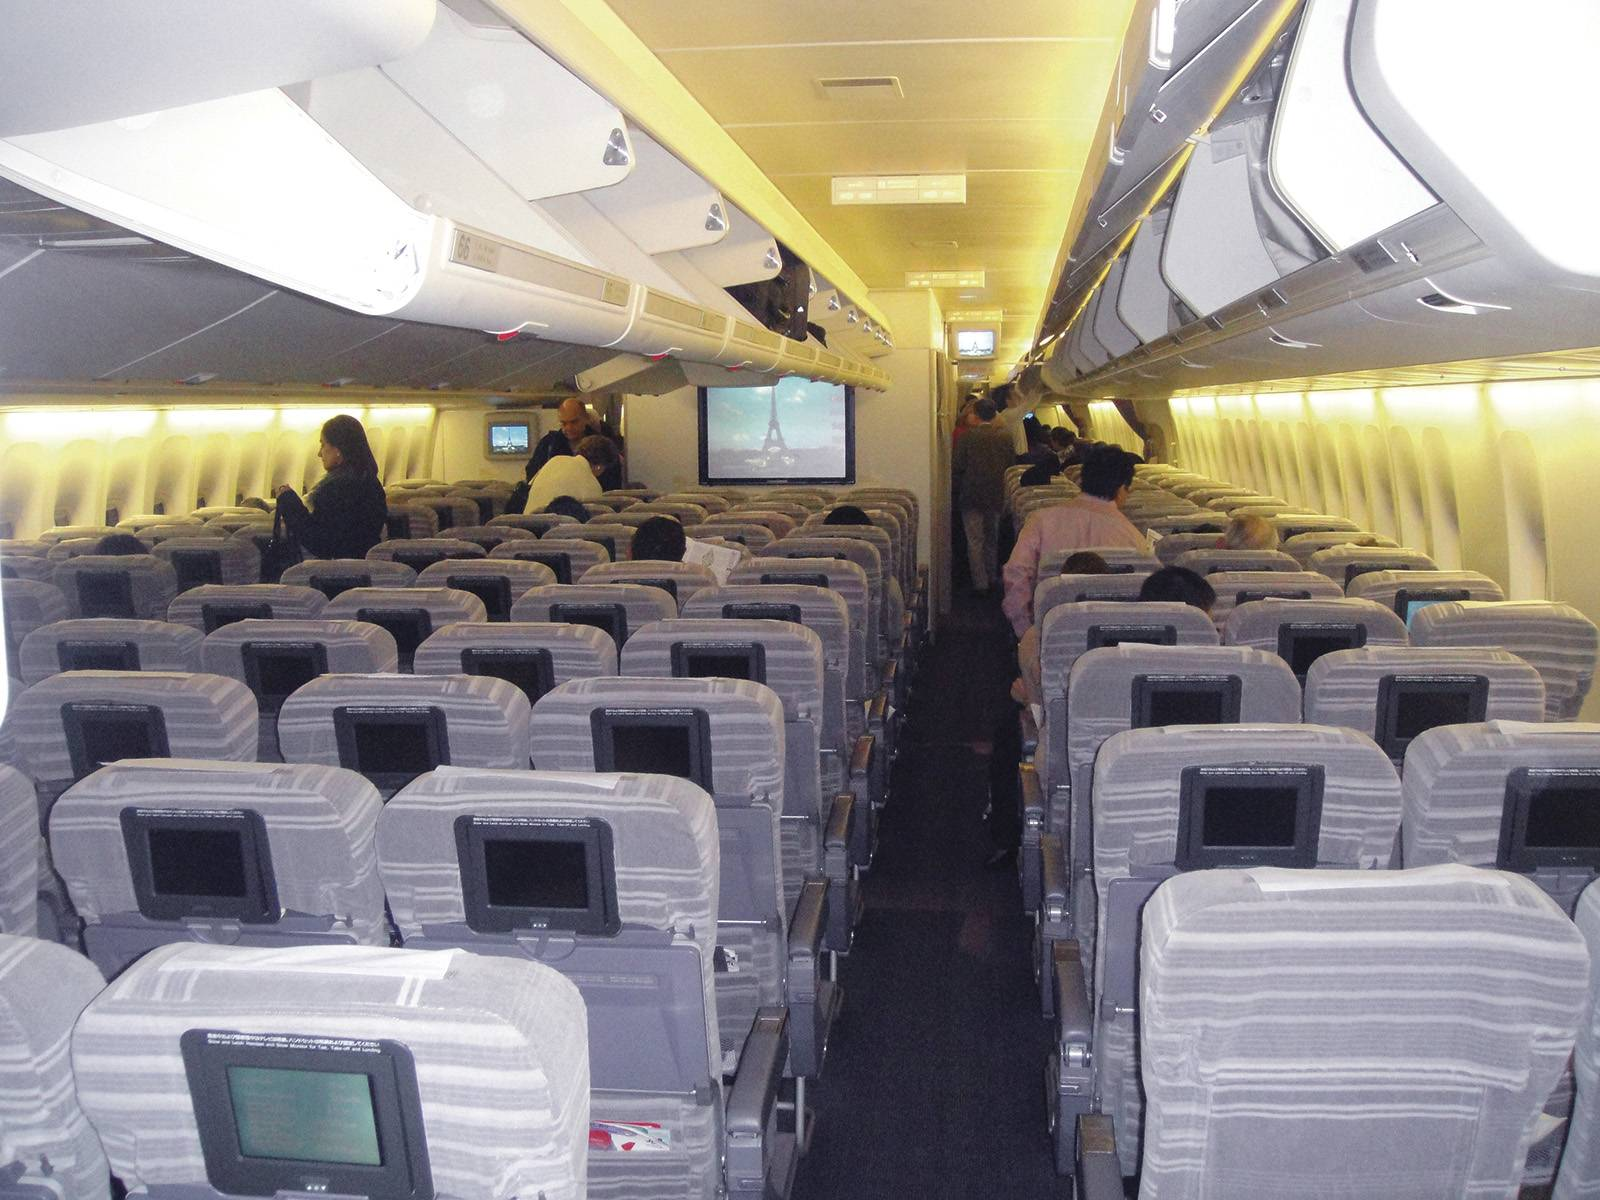 Uma comissária de bordo tiktoker revela o que acontece quando alguém morre no voo